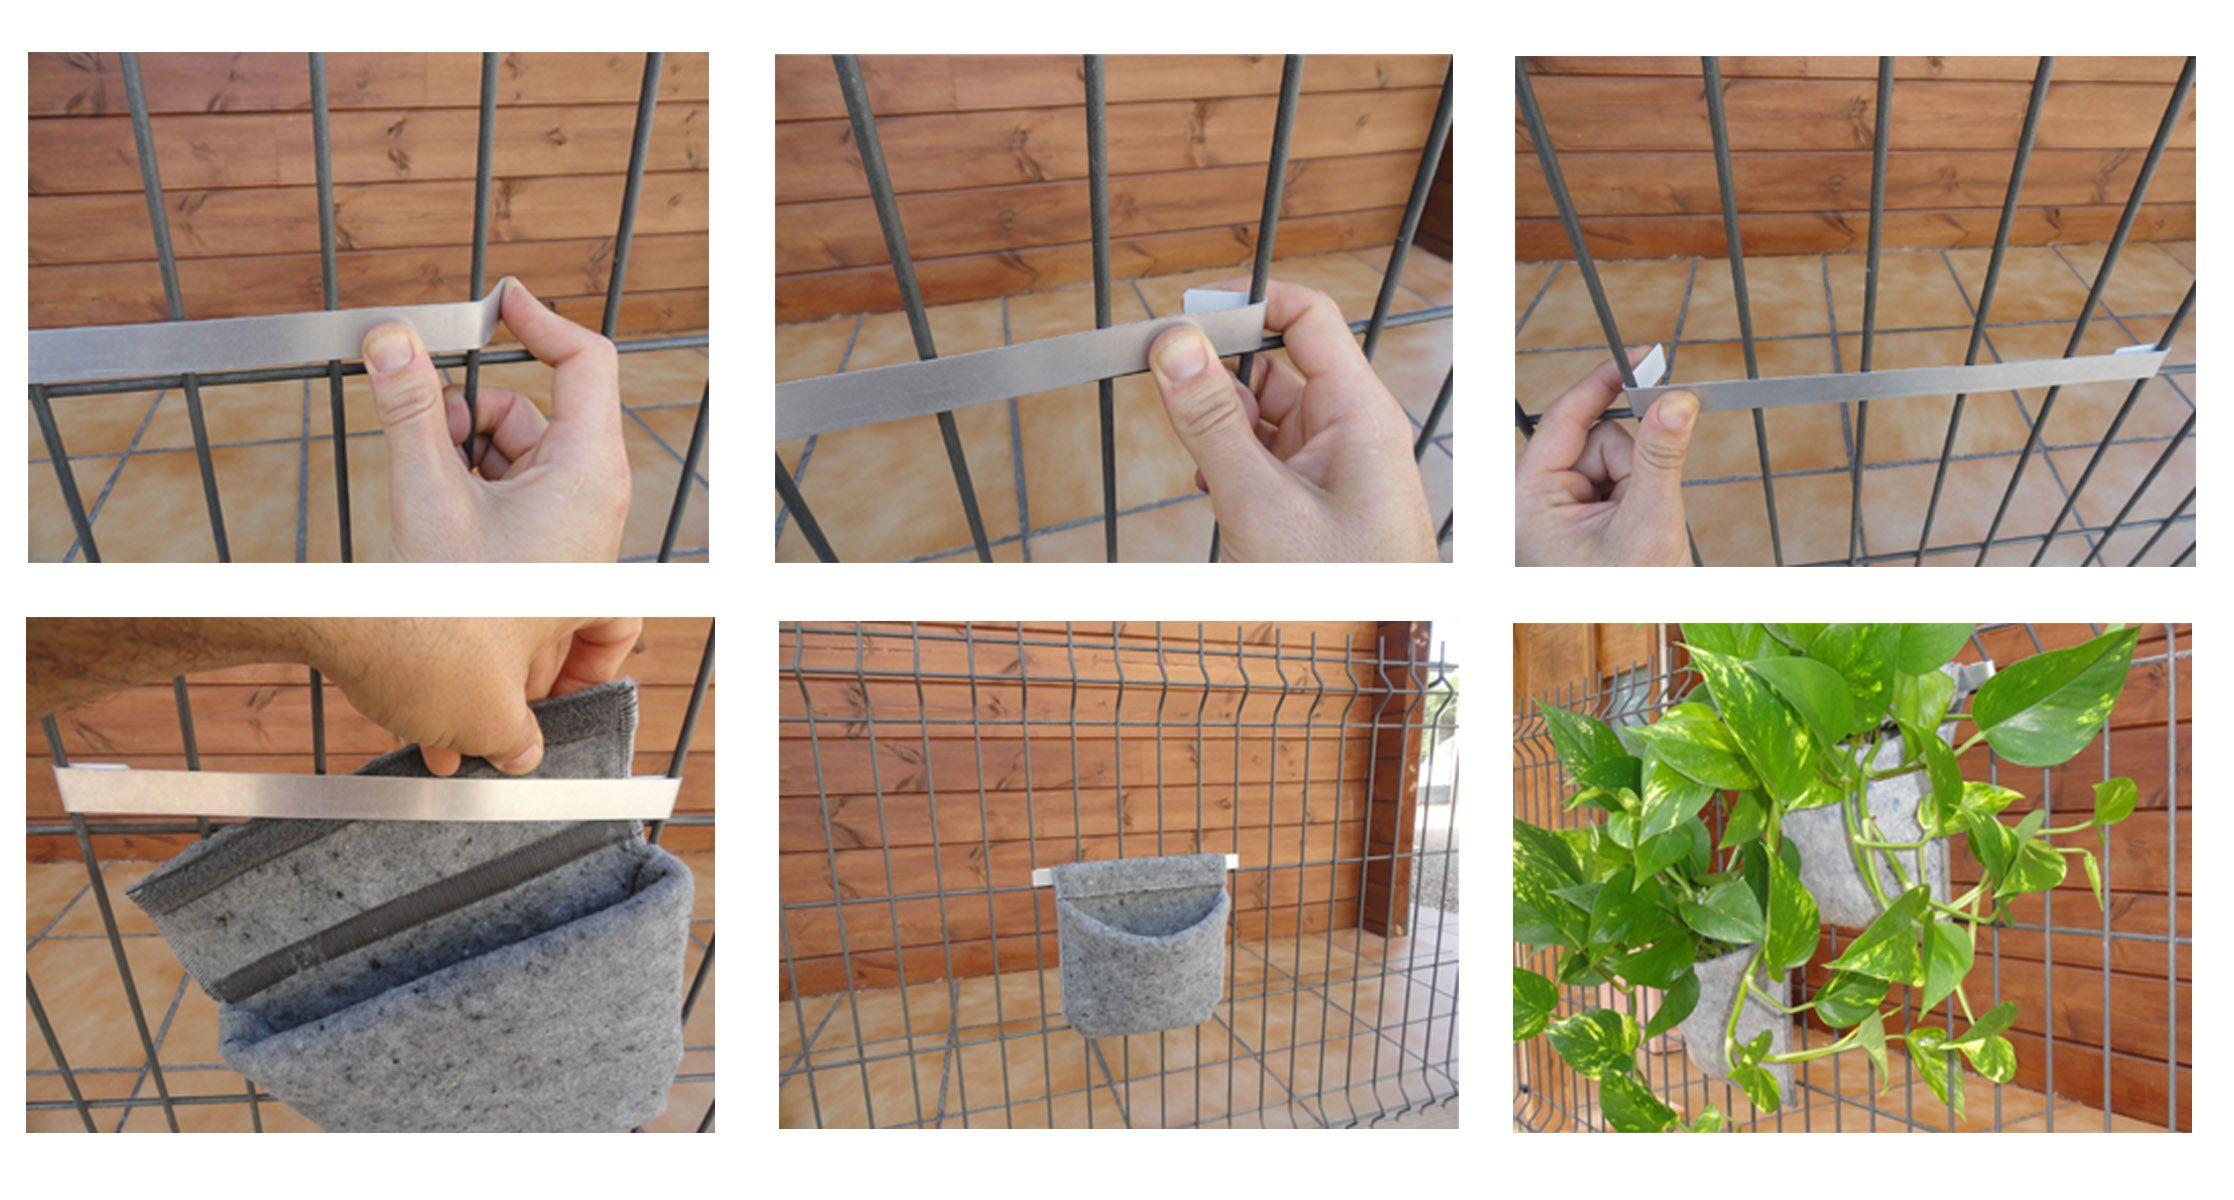 Pin de vertiflor en diy de huertos y jardines verticales - Macetas para jardin vertical ...